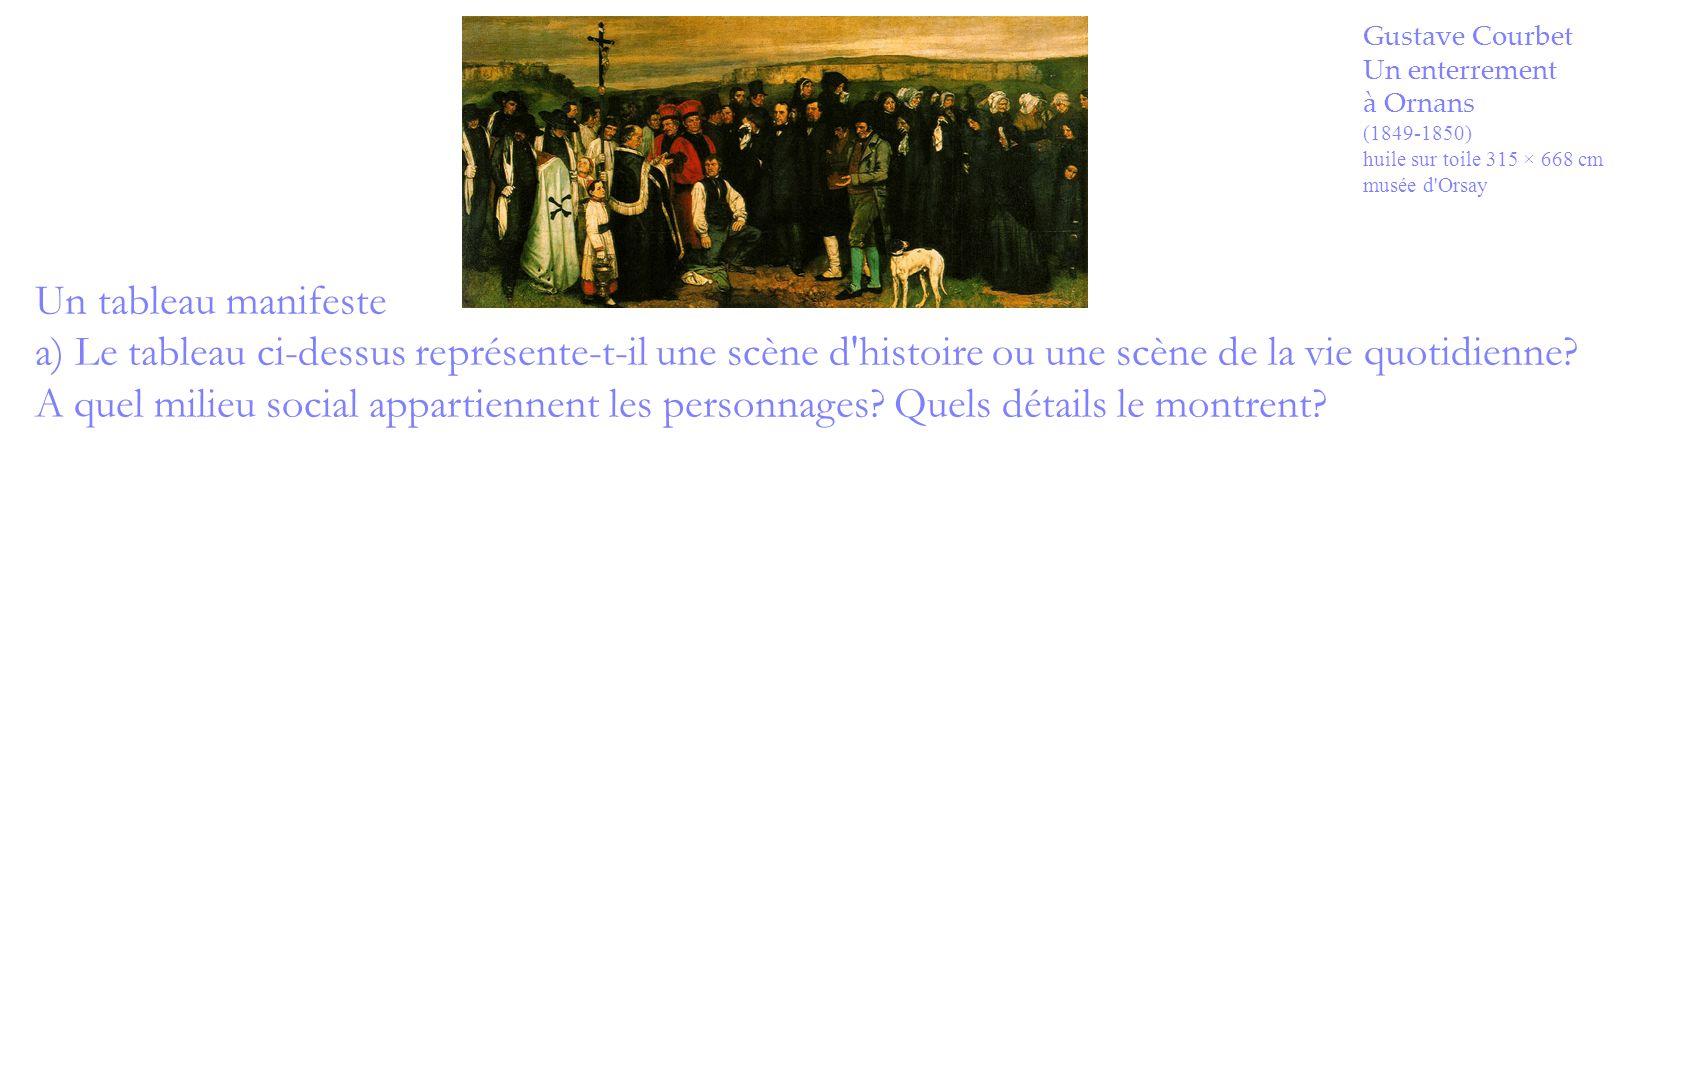 Gustave Courbet Un enterrement. à Ornans. (1849-1850) huile sur toile 315 × 668 cm. musée d Orsay.